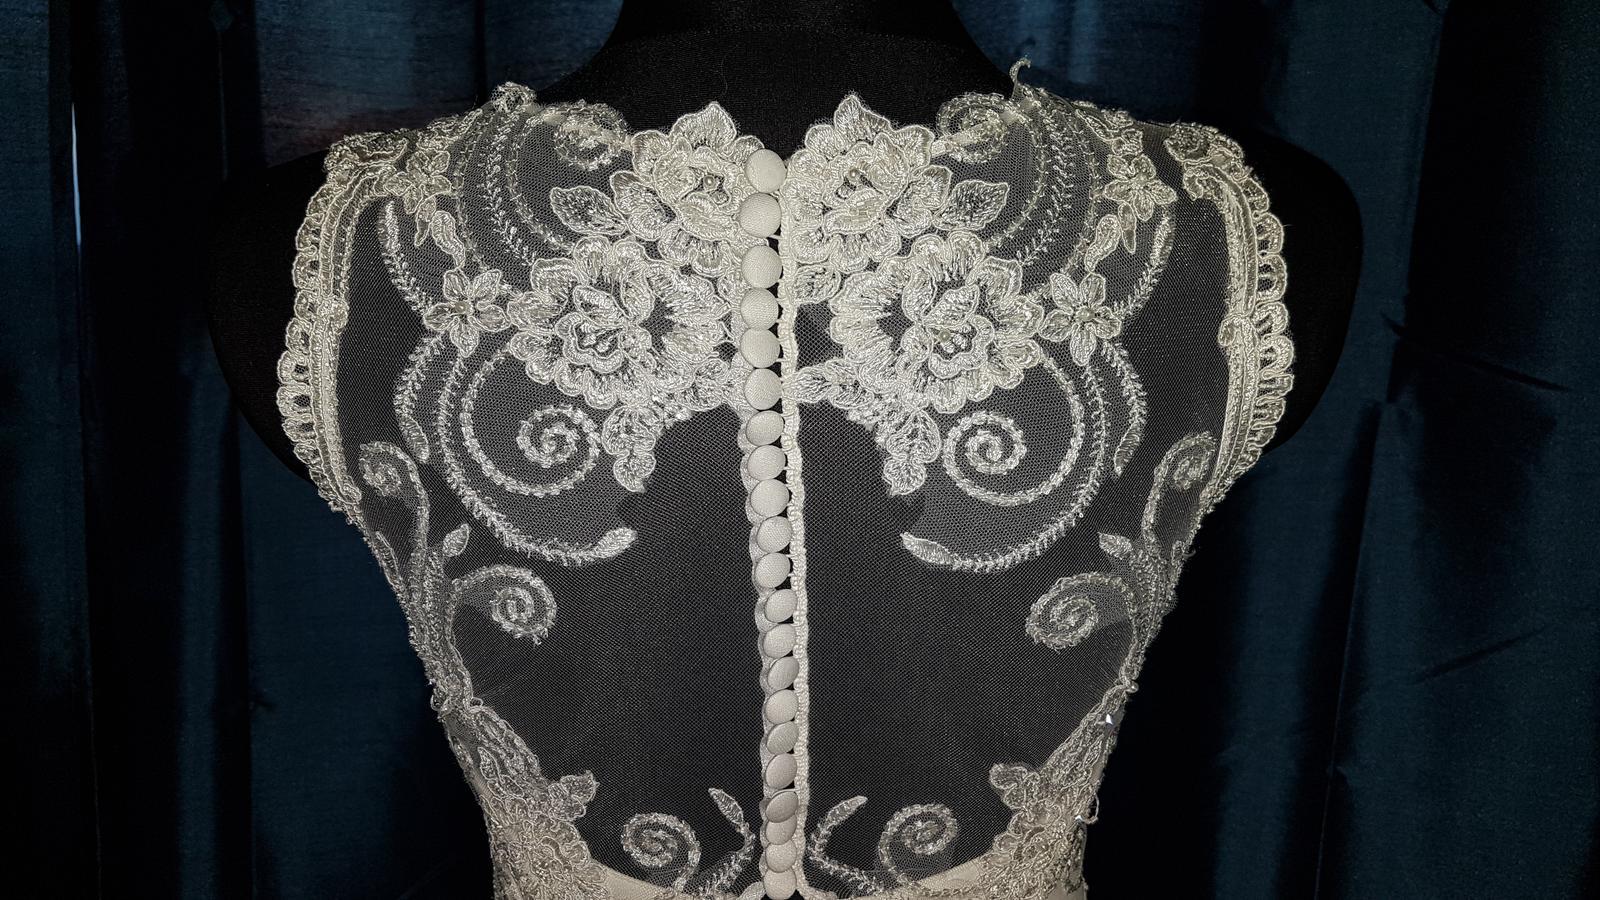 Svadobné šaty 36-38 na 172 cm - Obrázok č. 2